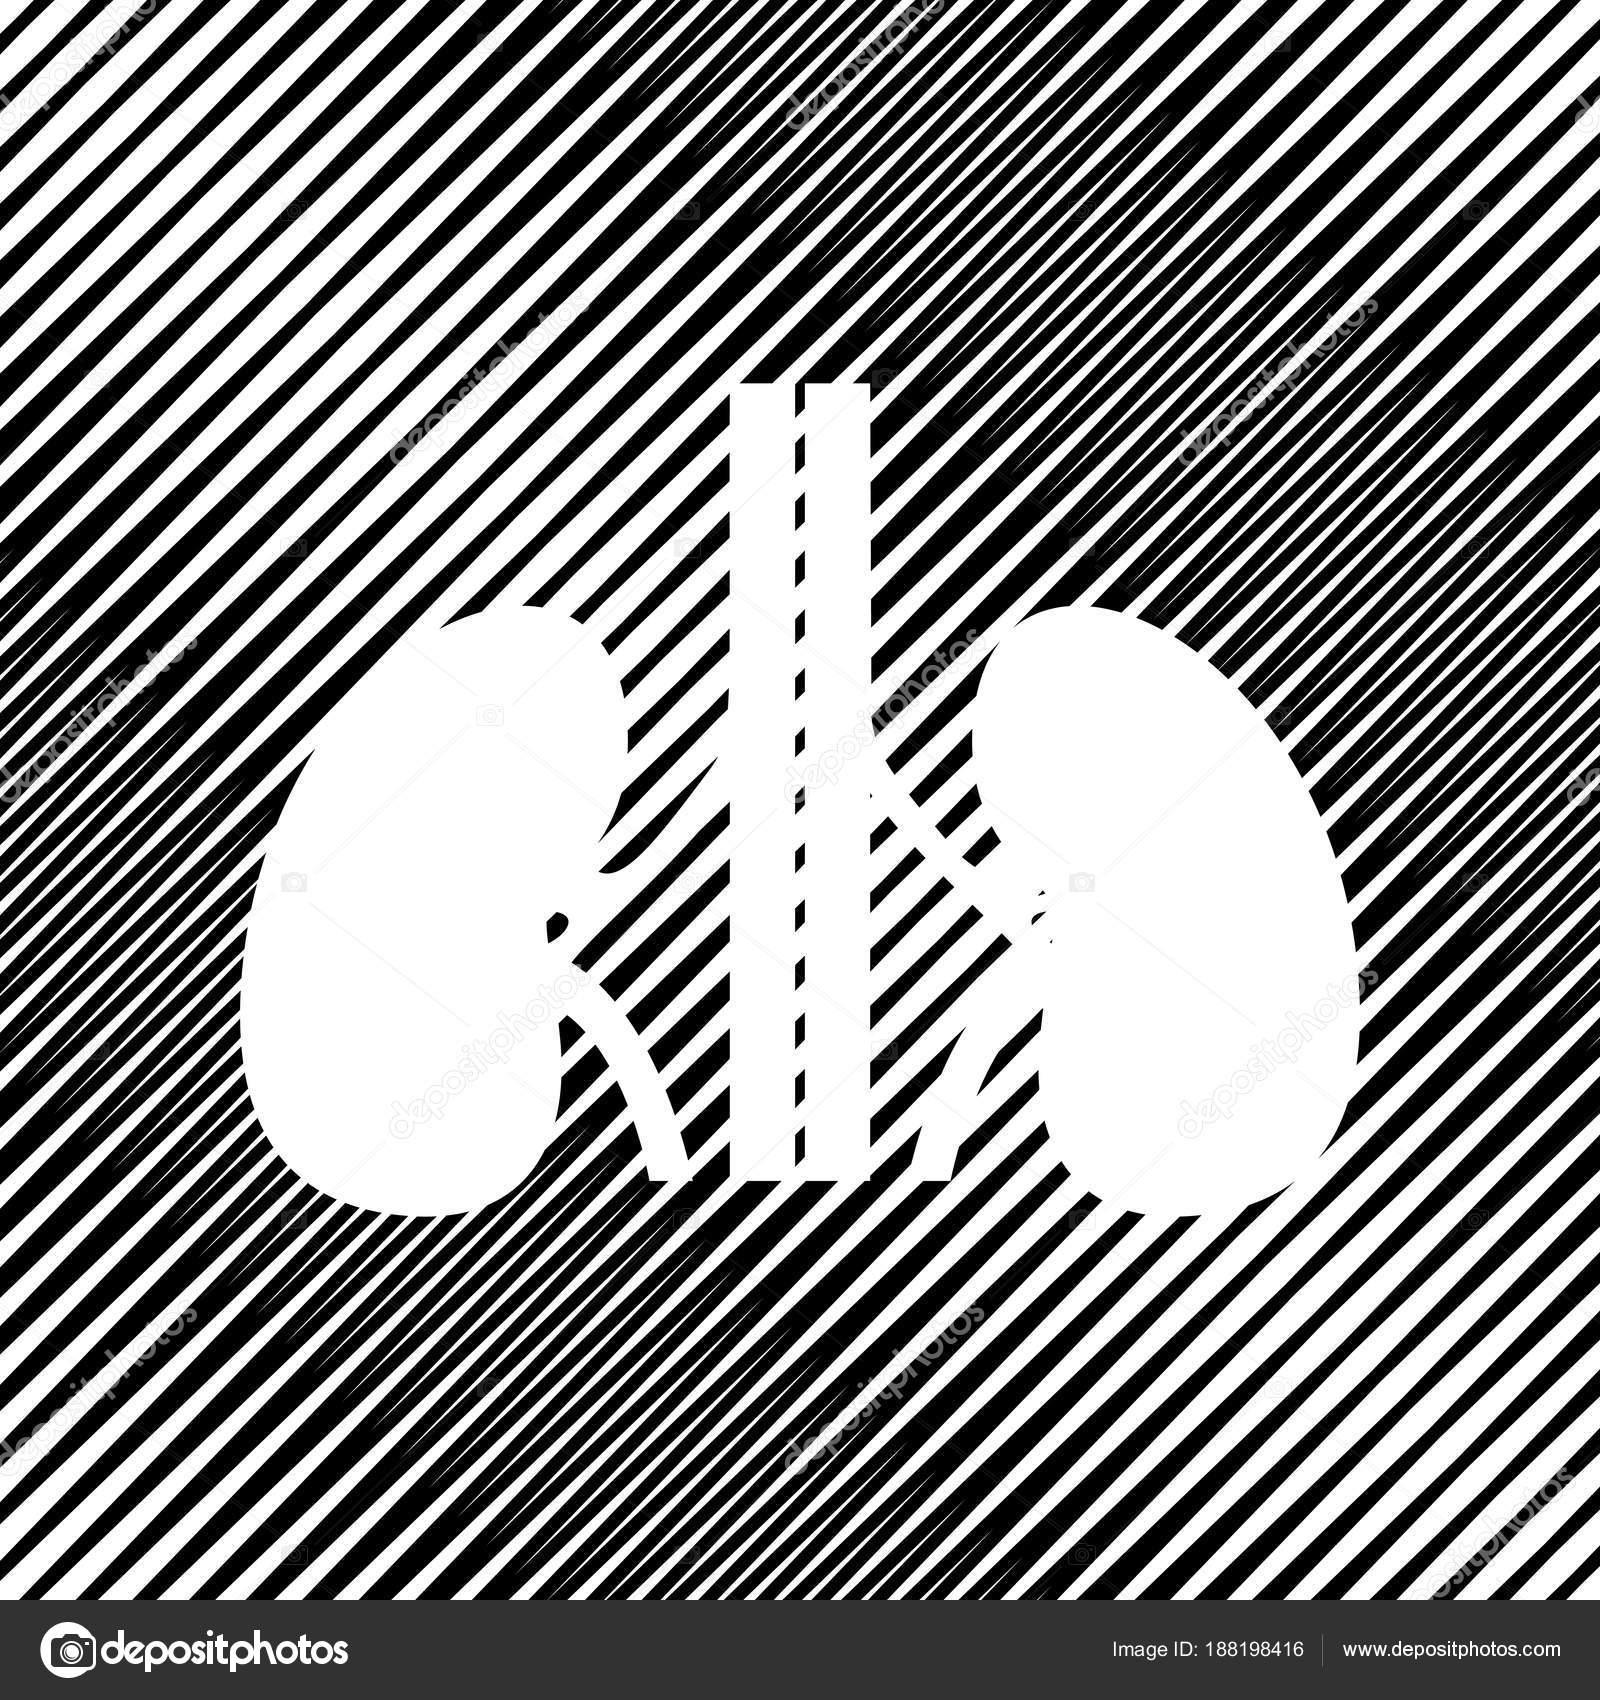 Anatomía humana. Signo de los riñones. Vector. Icono. Agujero en ...